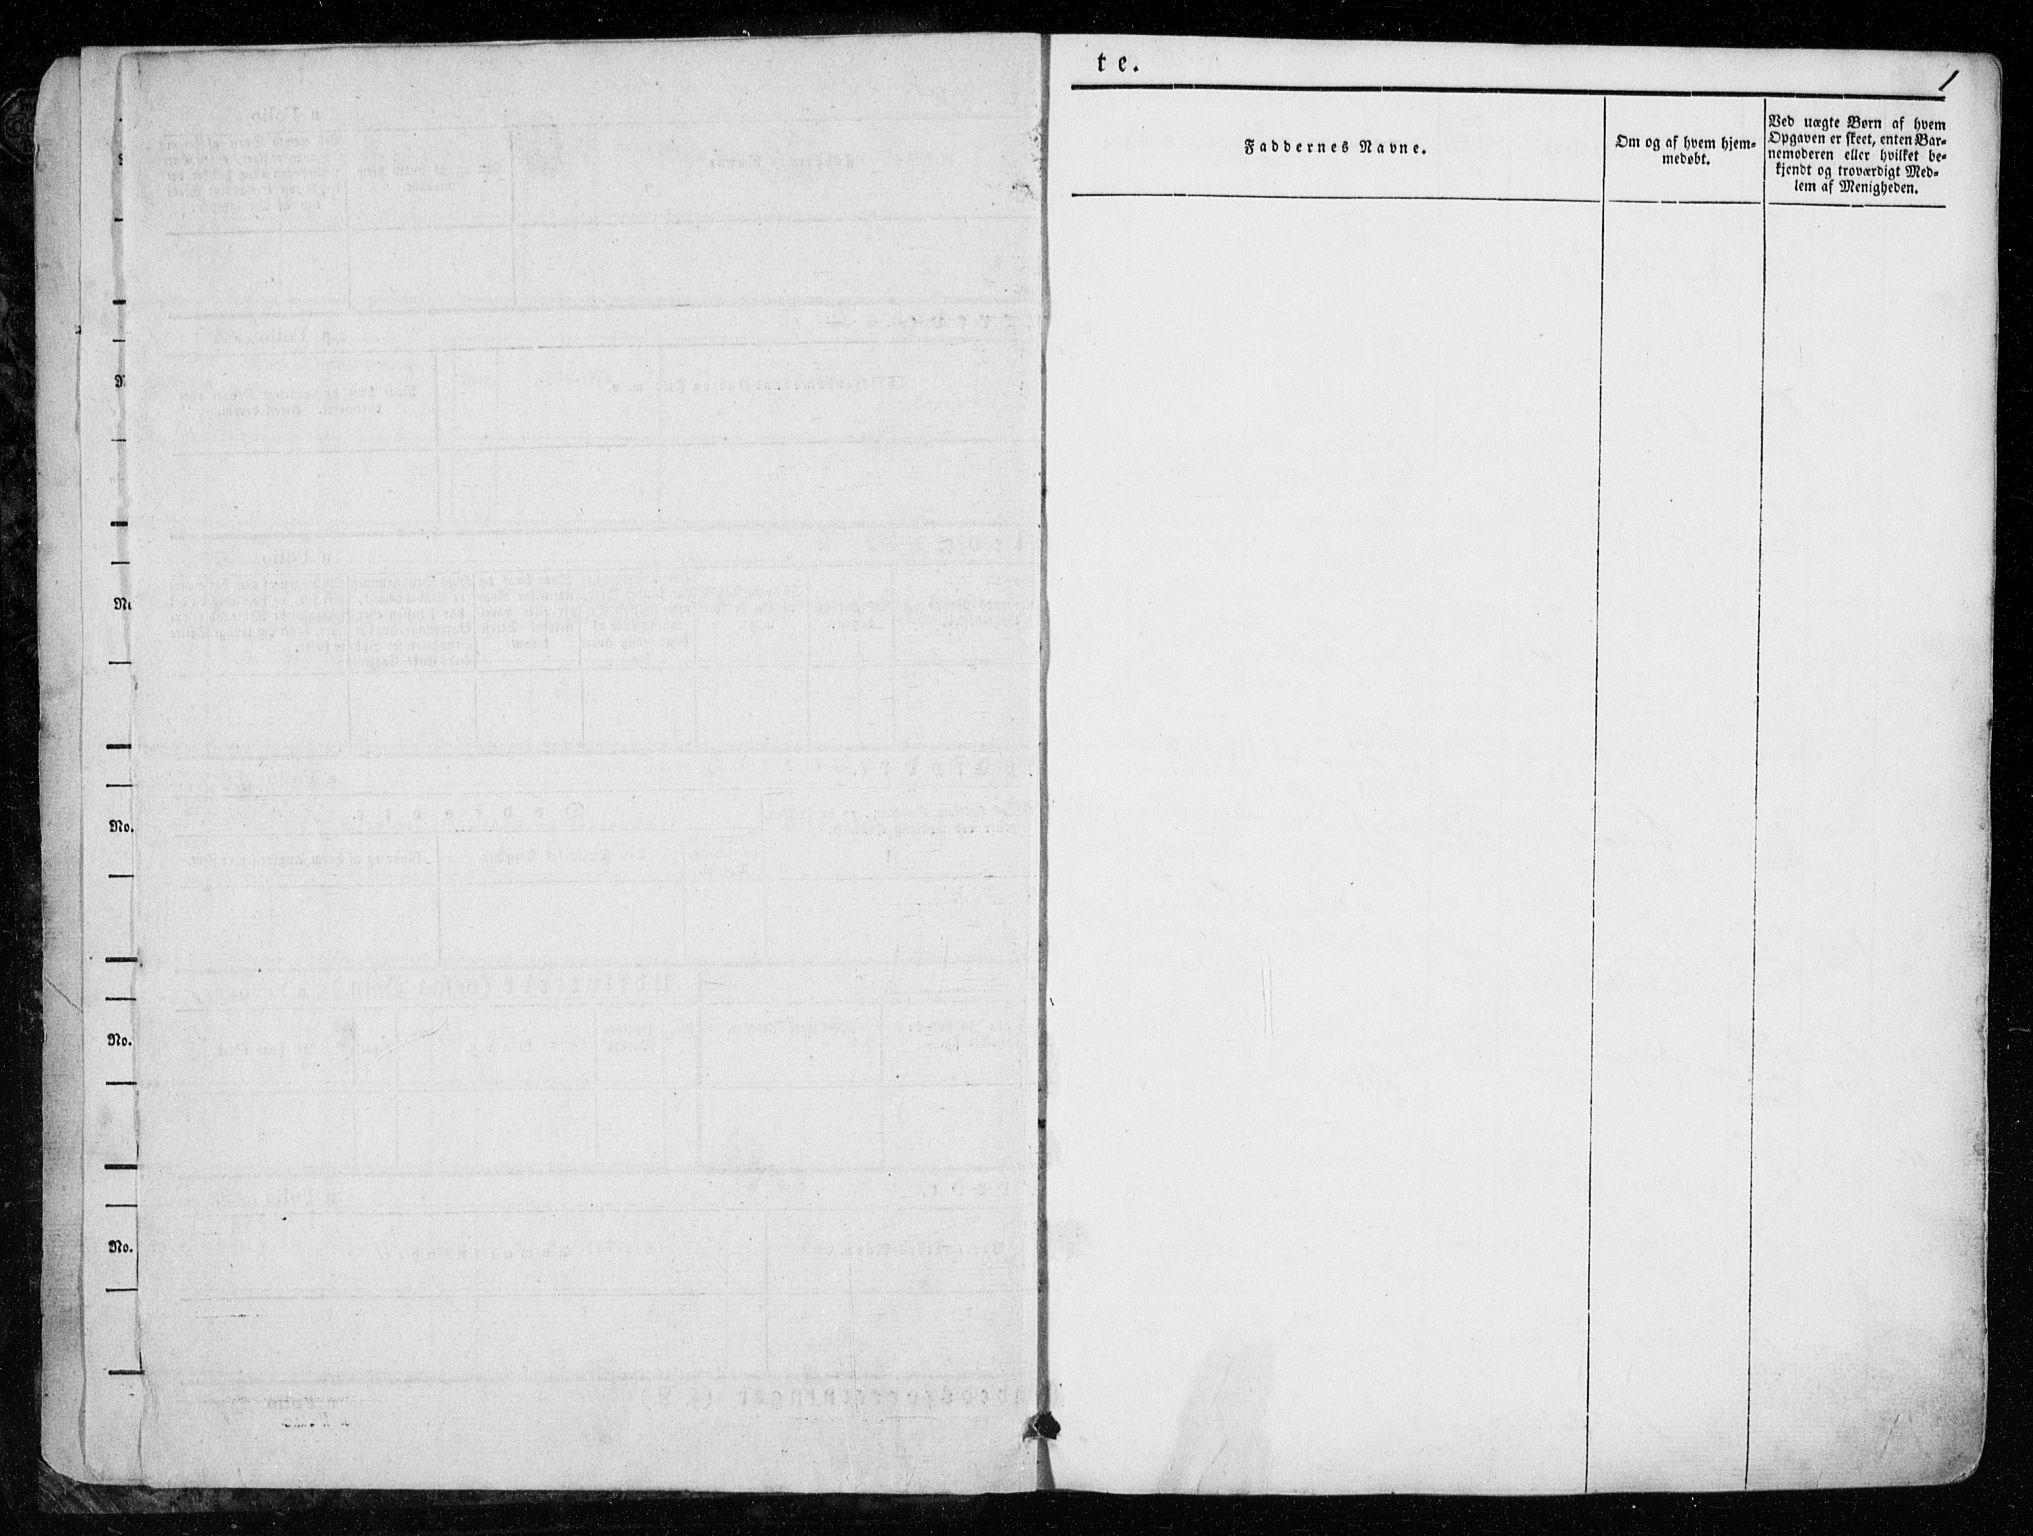 SAT, Ministerialprotokoller, klokkerbøker og fødselsregistre - Nord-Trøndelag, 723/L0239: Ministerialbok nr. 723A08, 1841-1851, s. 1